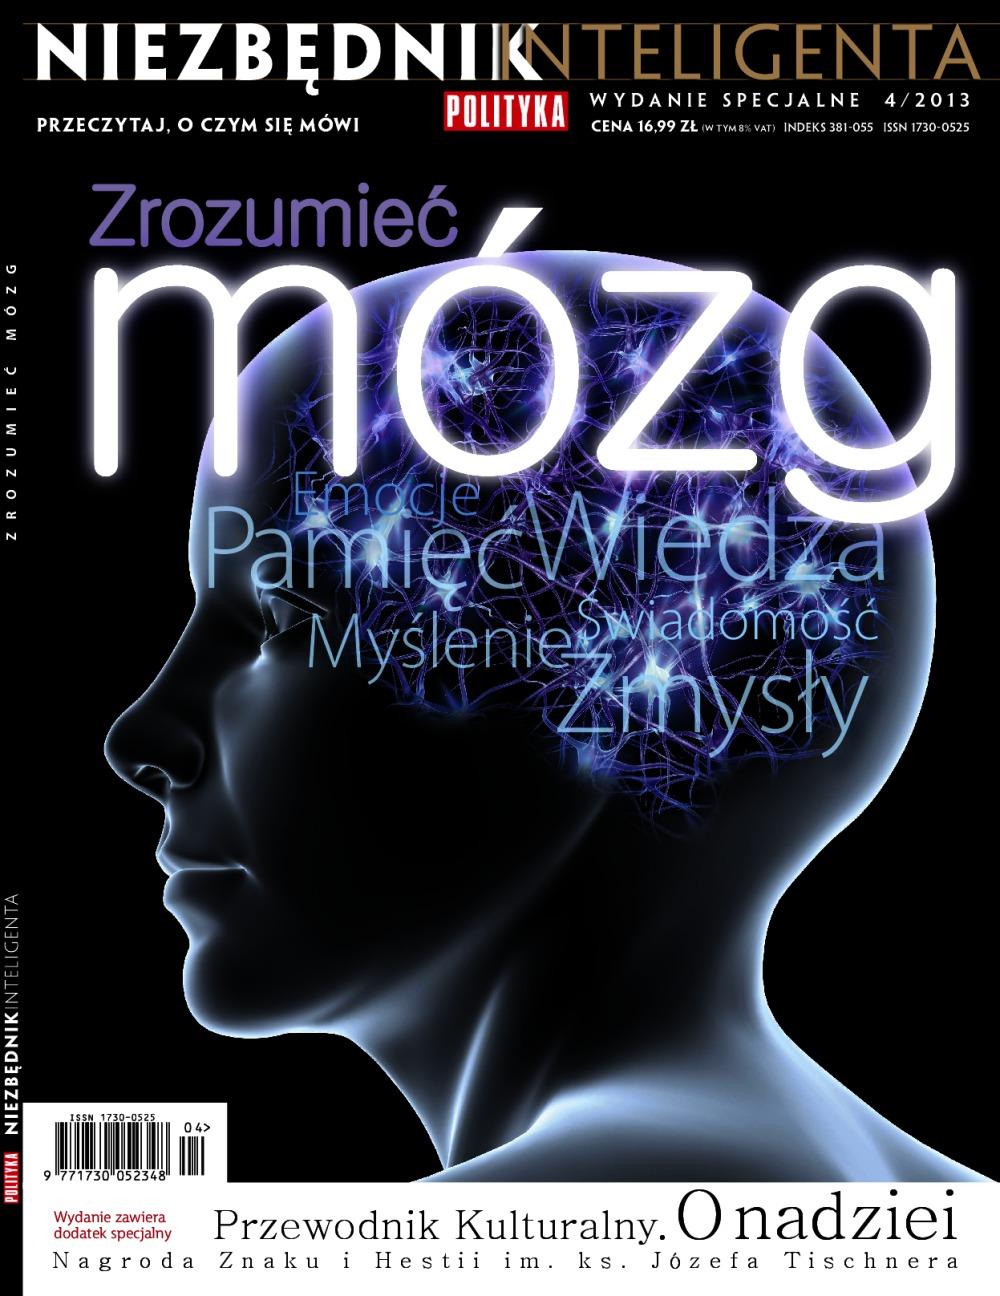 mózg,Albert Einstein,E=mc2,teoria względności,Fizyka,kosmologia,chemia,biologia,badania nad umysłem,psychologia,nauki społeczne